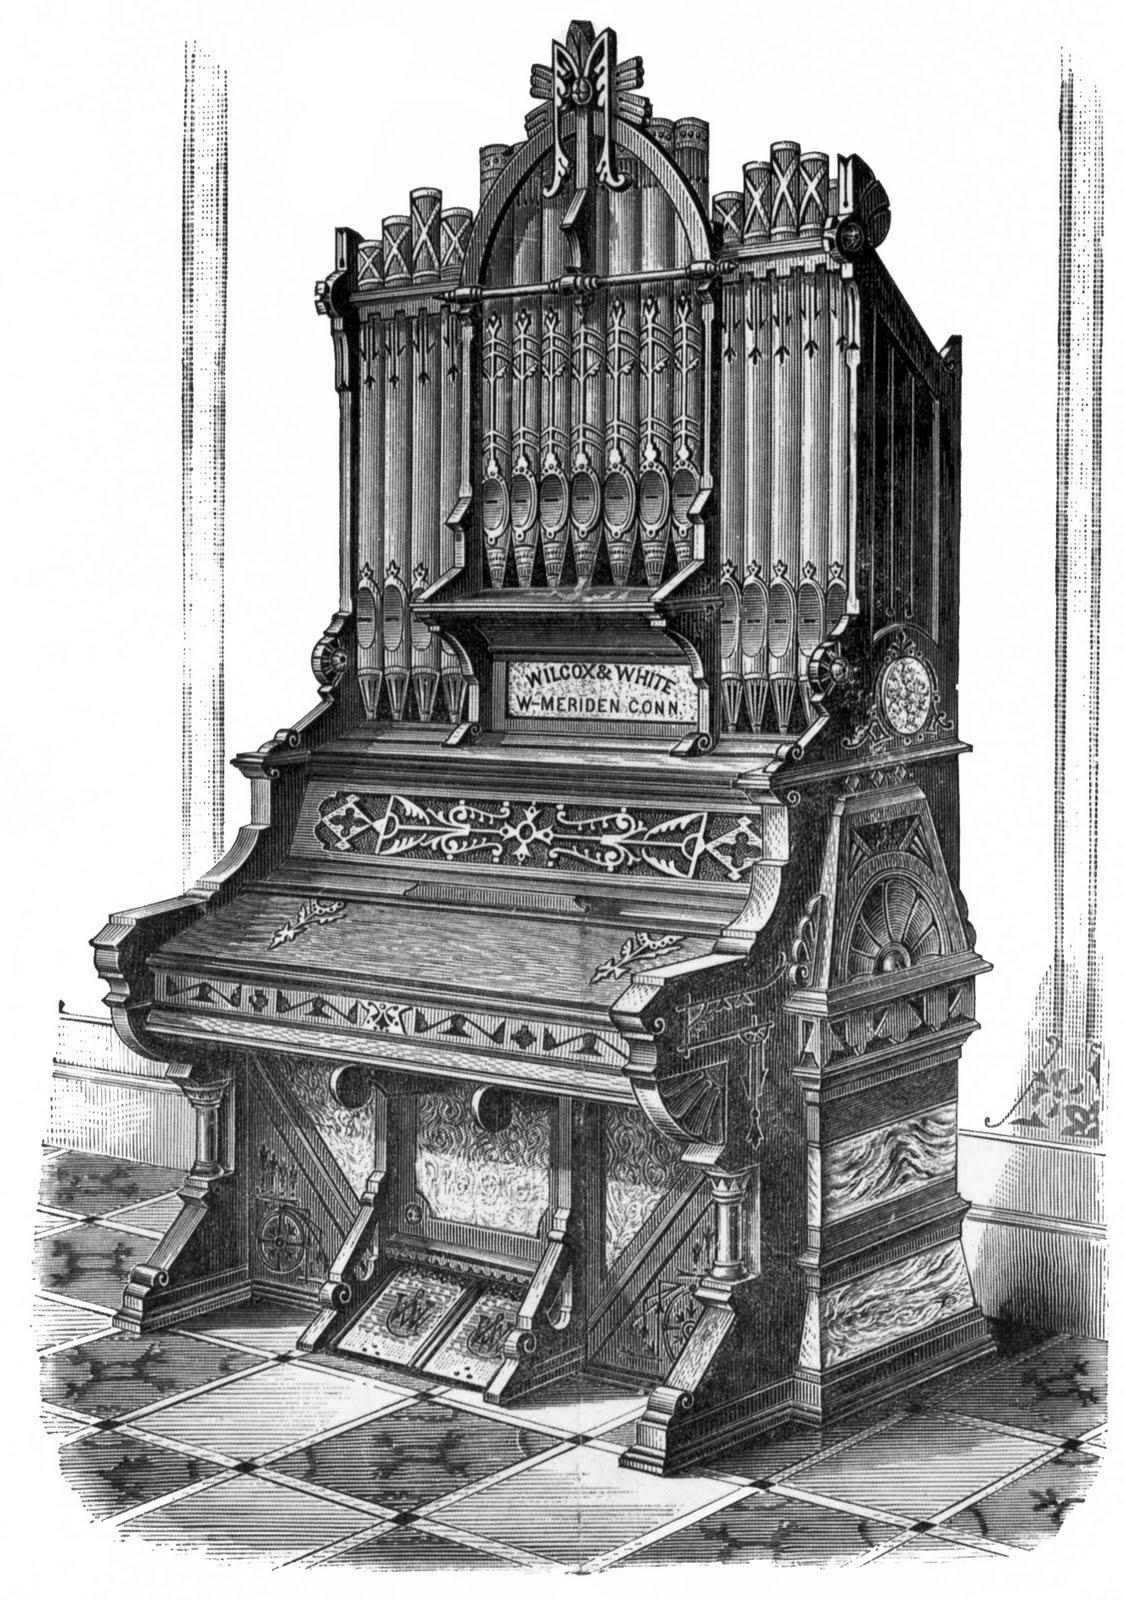 Engraving clipart church organ Day organ request  as